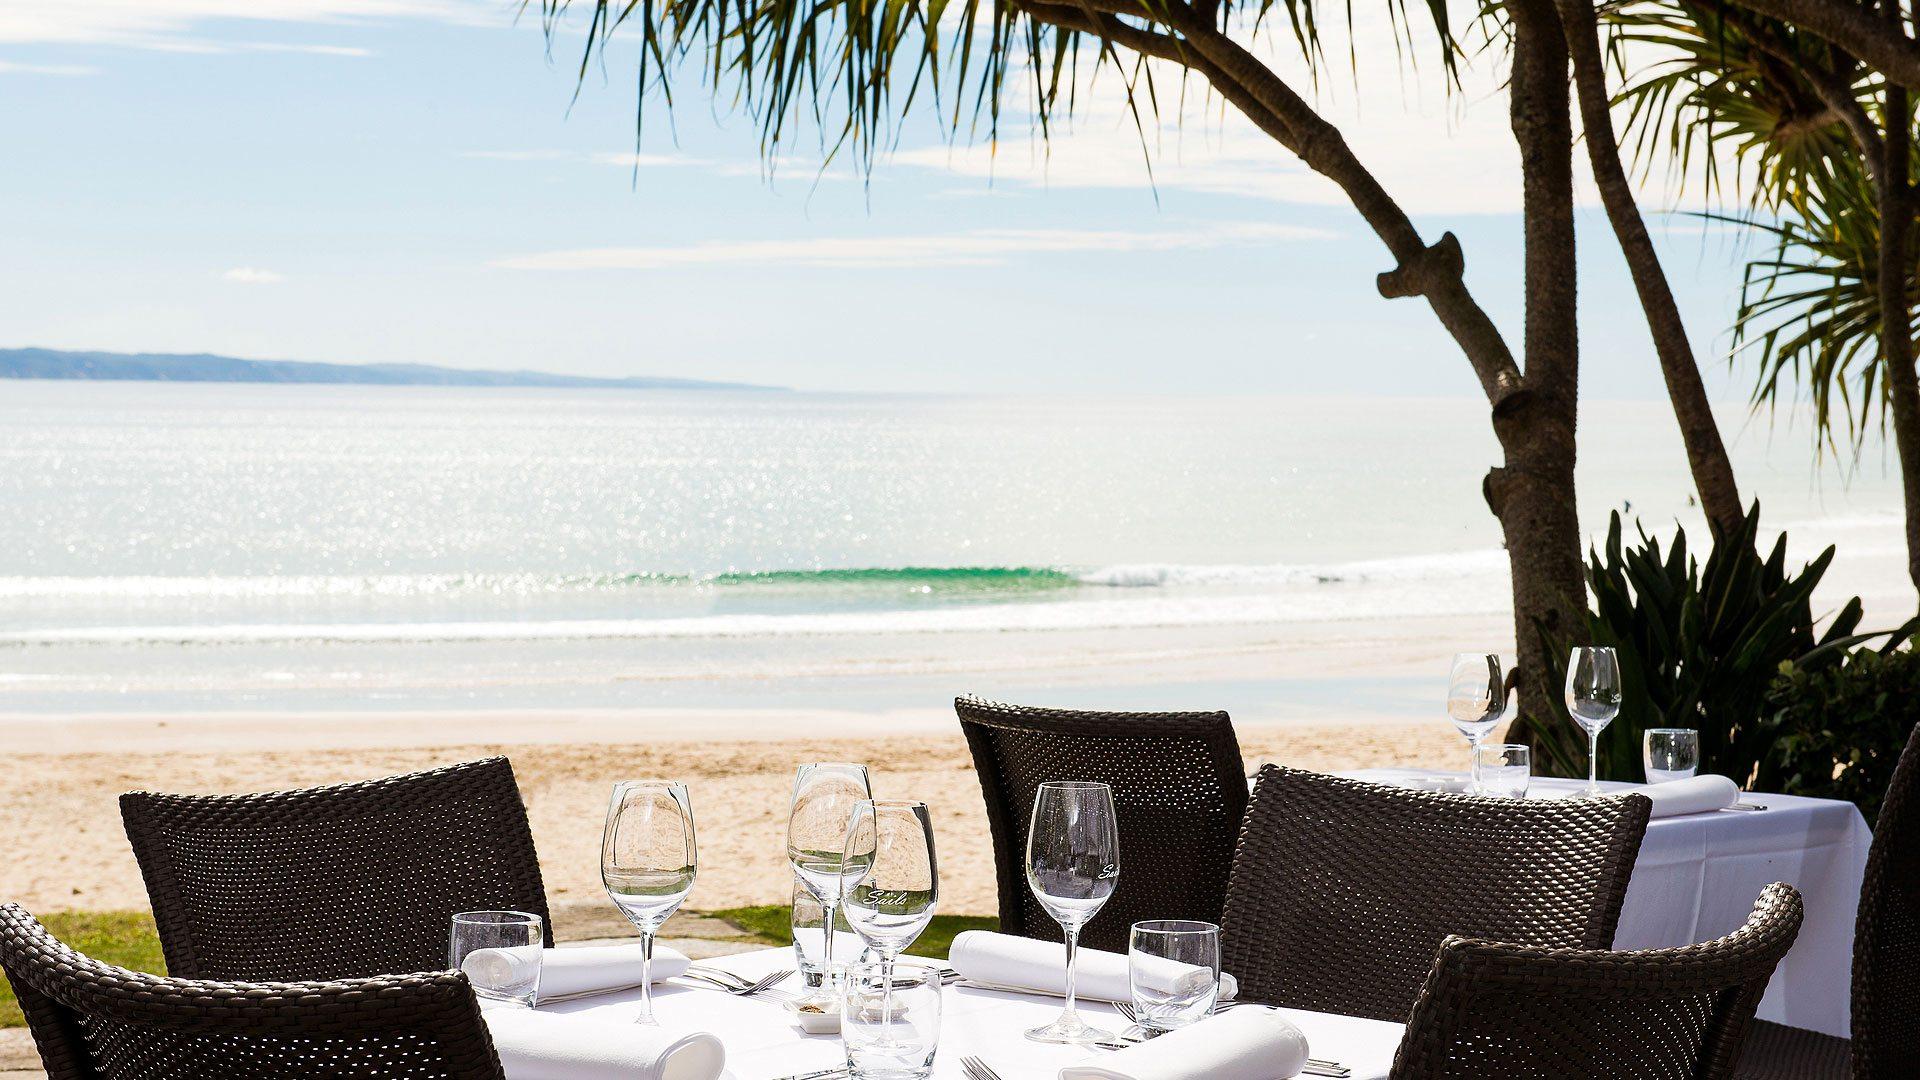 Noosa-Beachfront-Restaurant-Noosa-Beach-S02